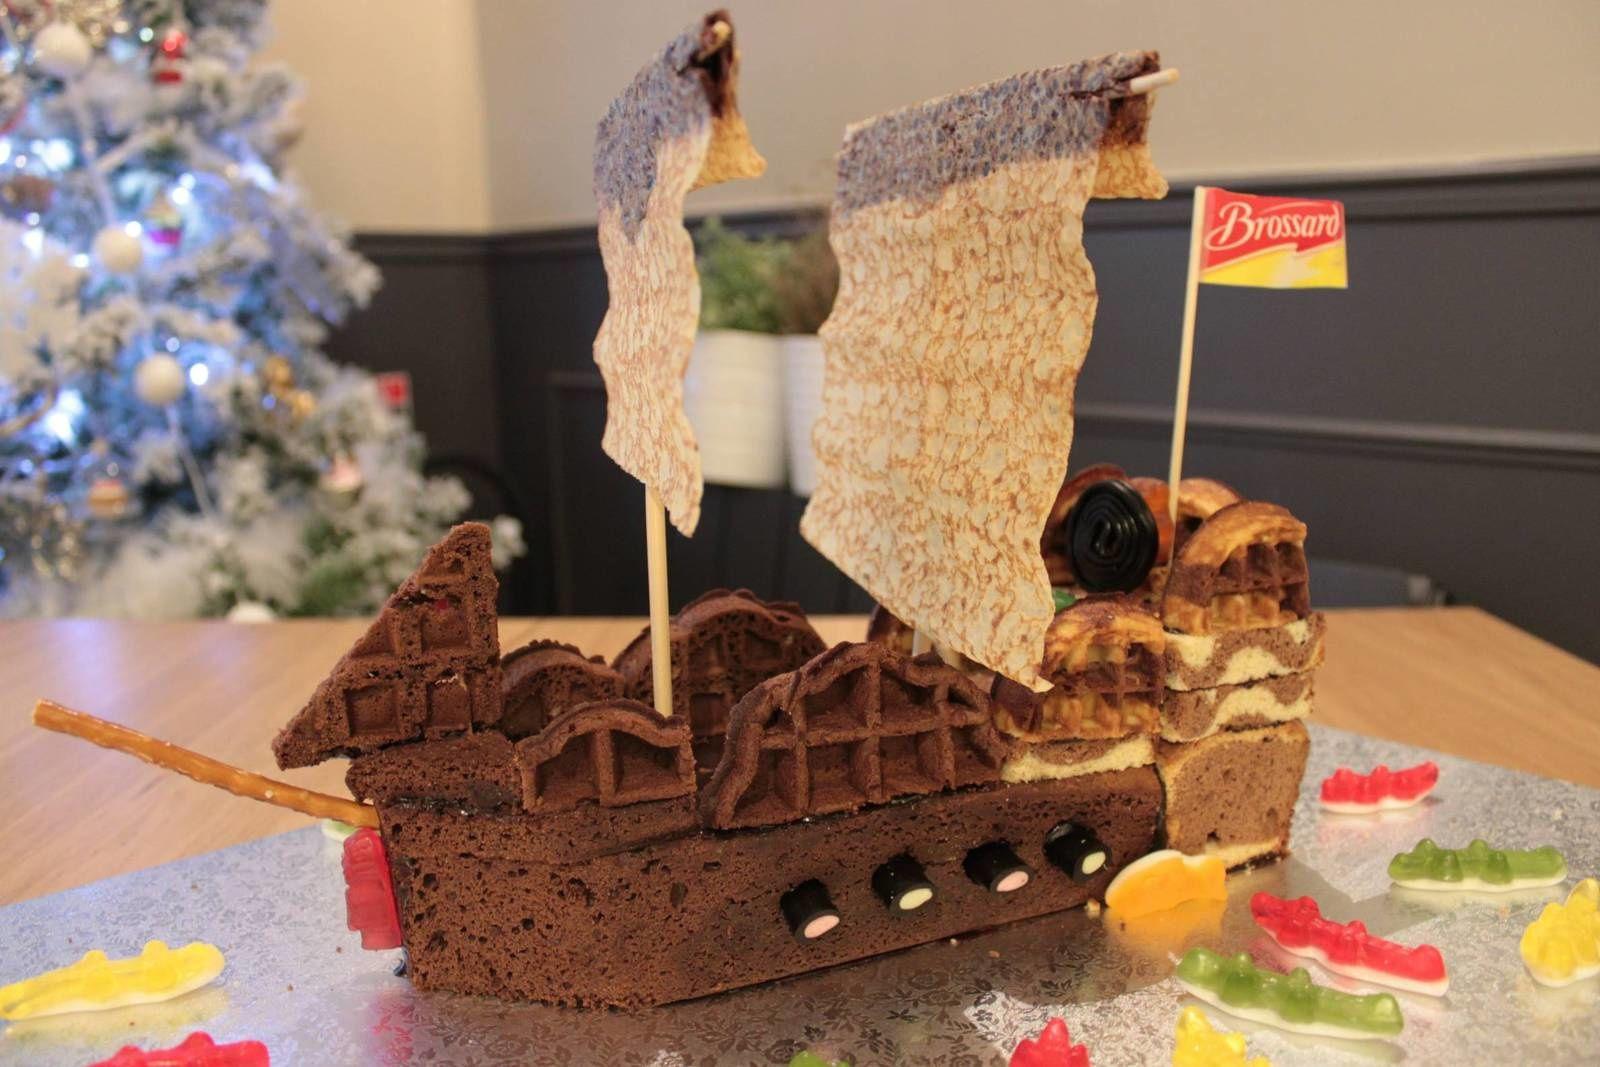 Les incroyables gâteaux par Brossard